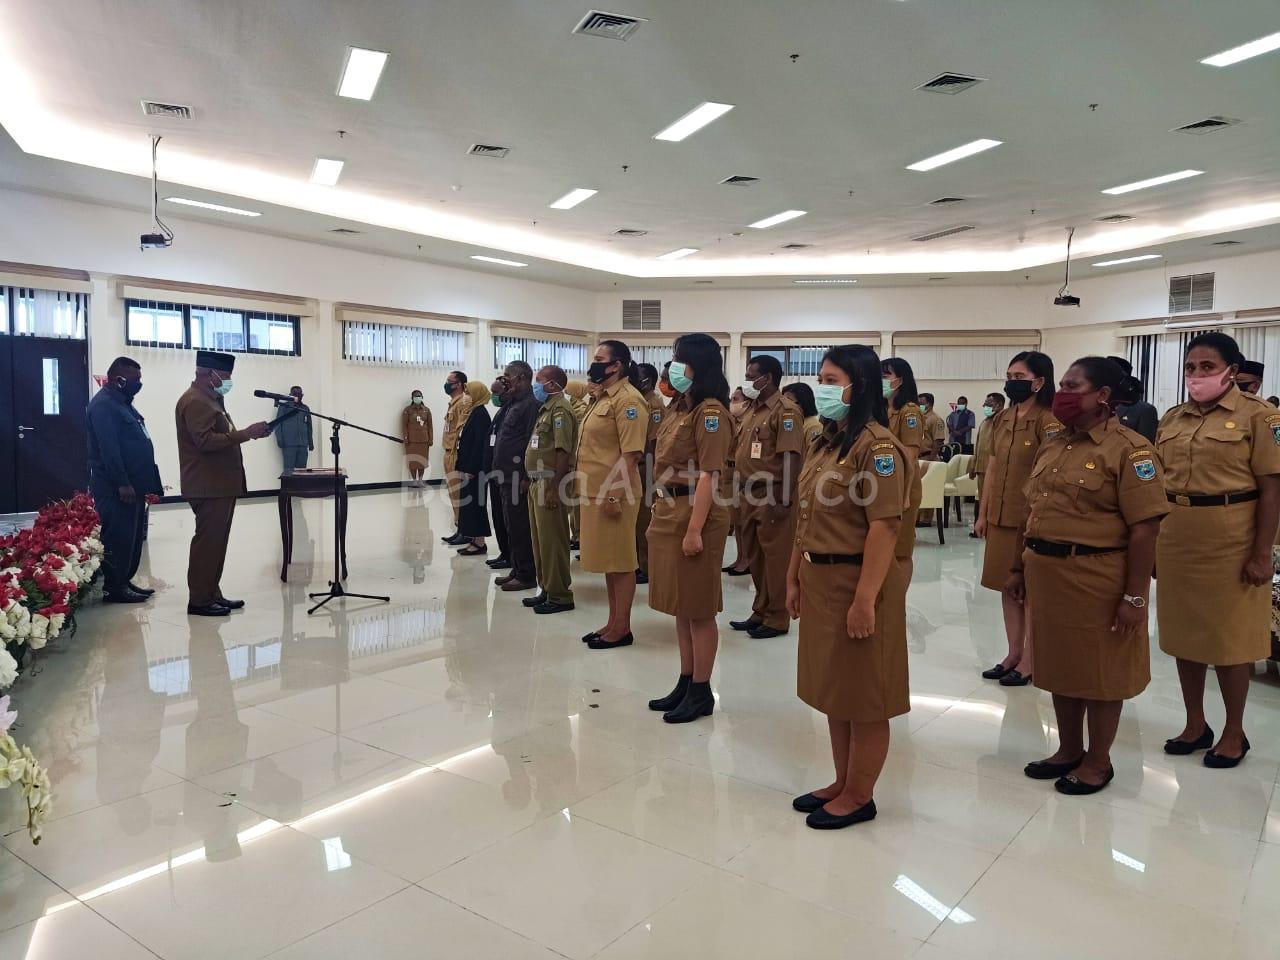 Pelantikan 45 Pejabat Dari 7 OPD Papua Barat Gunakan Masker 16 IMG 20200504 WA0020